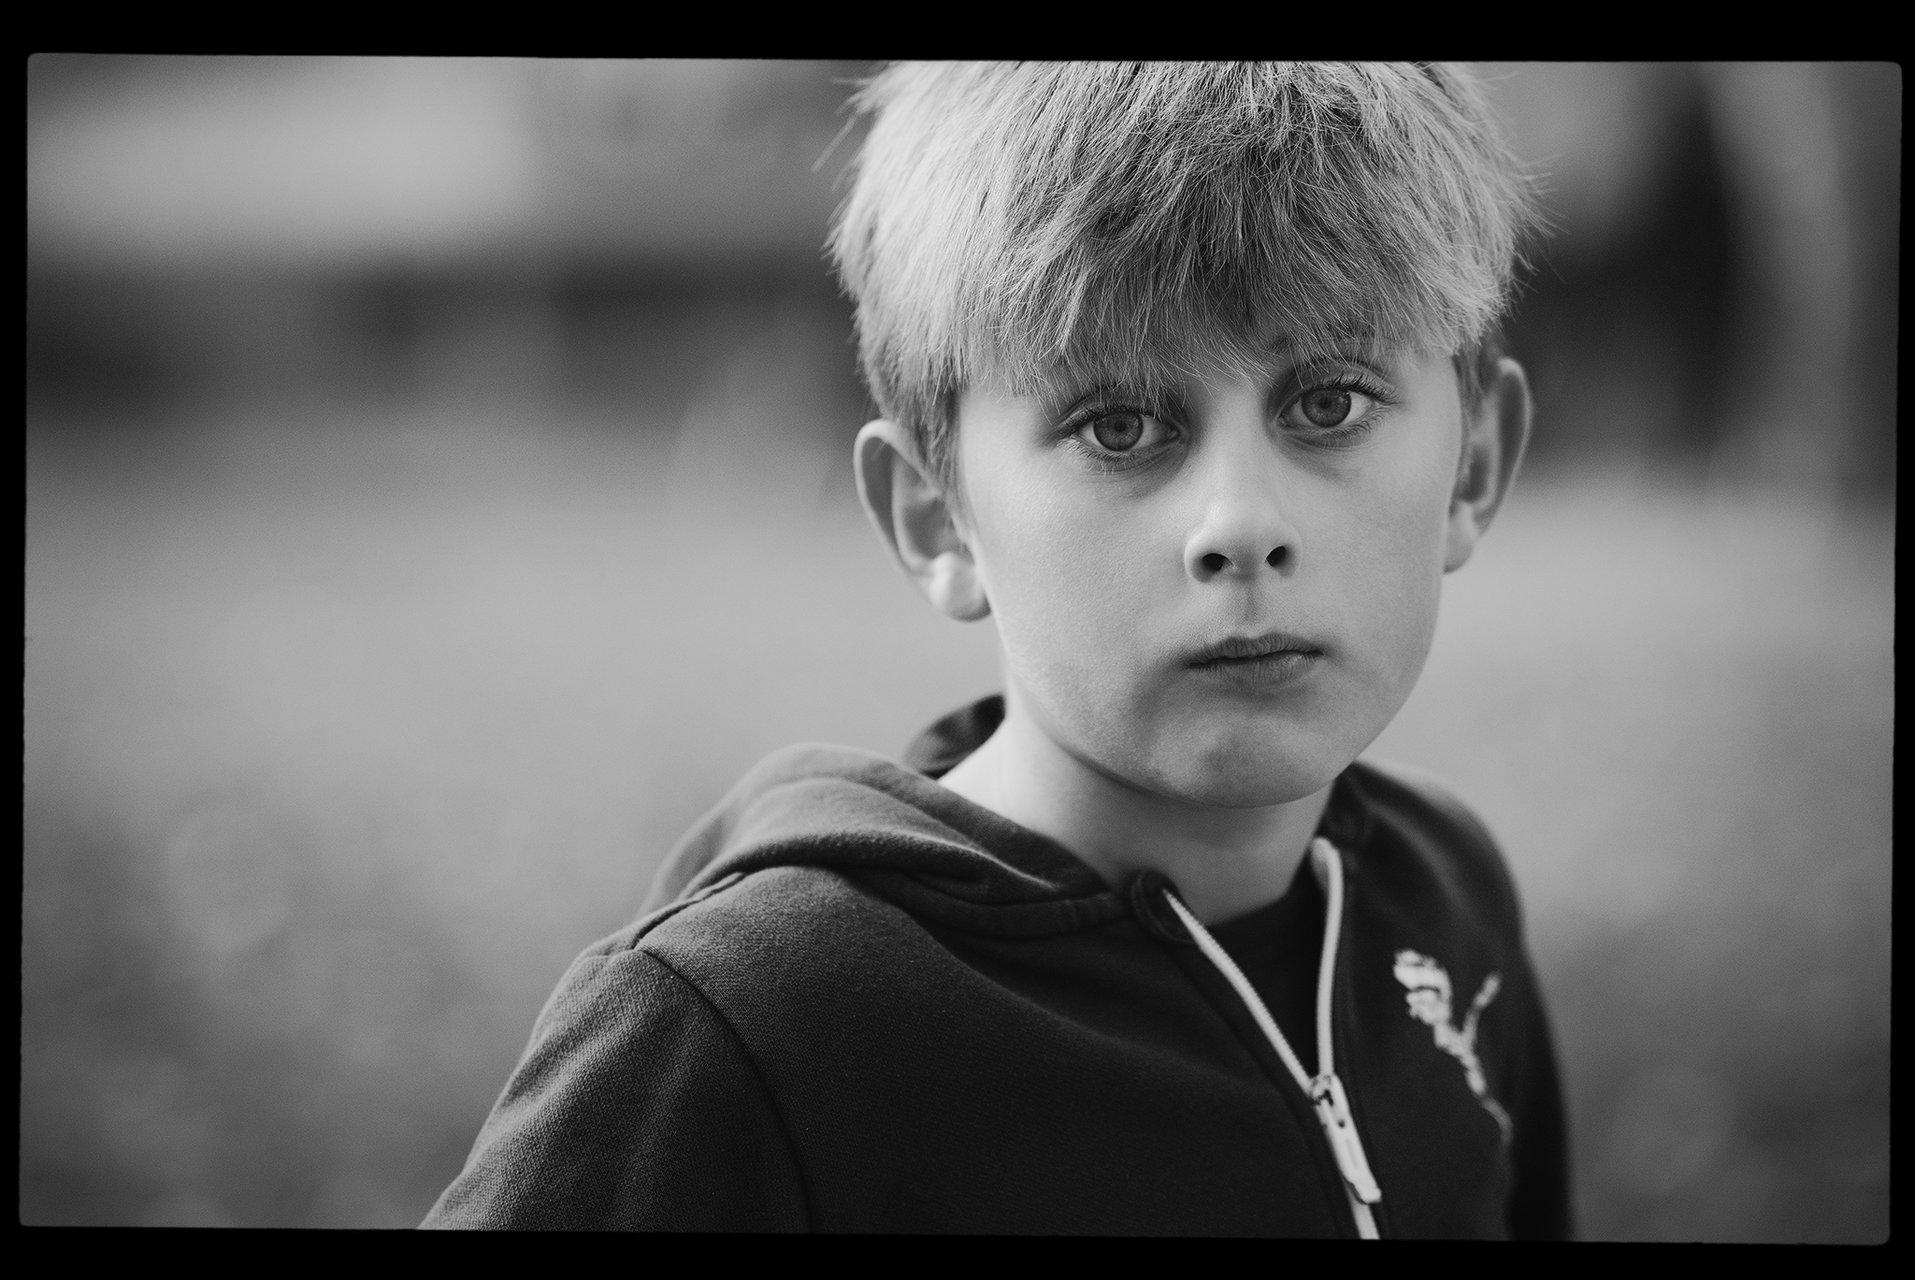 Photo in Portrait | Author Борислав_Ковачев | PHOTO FORUM